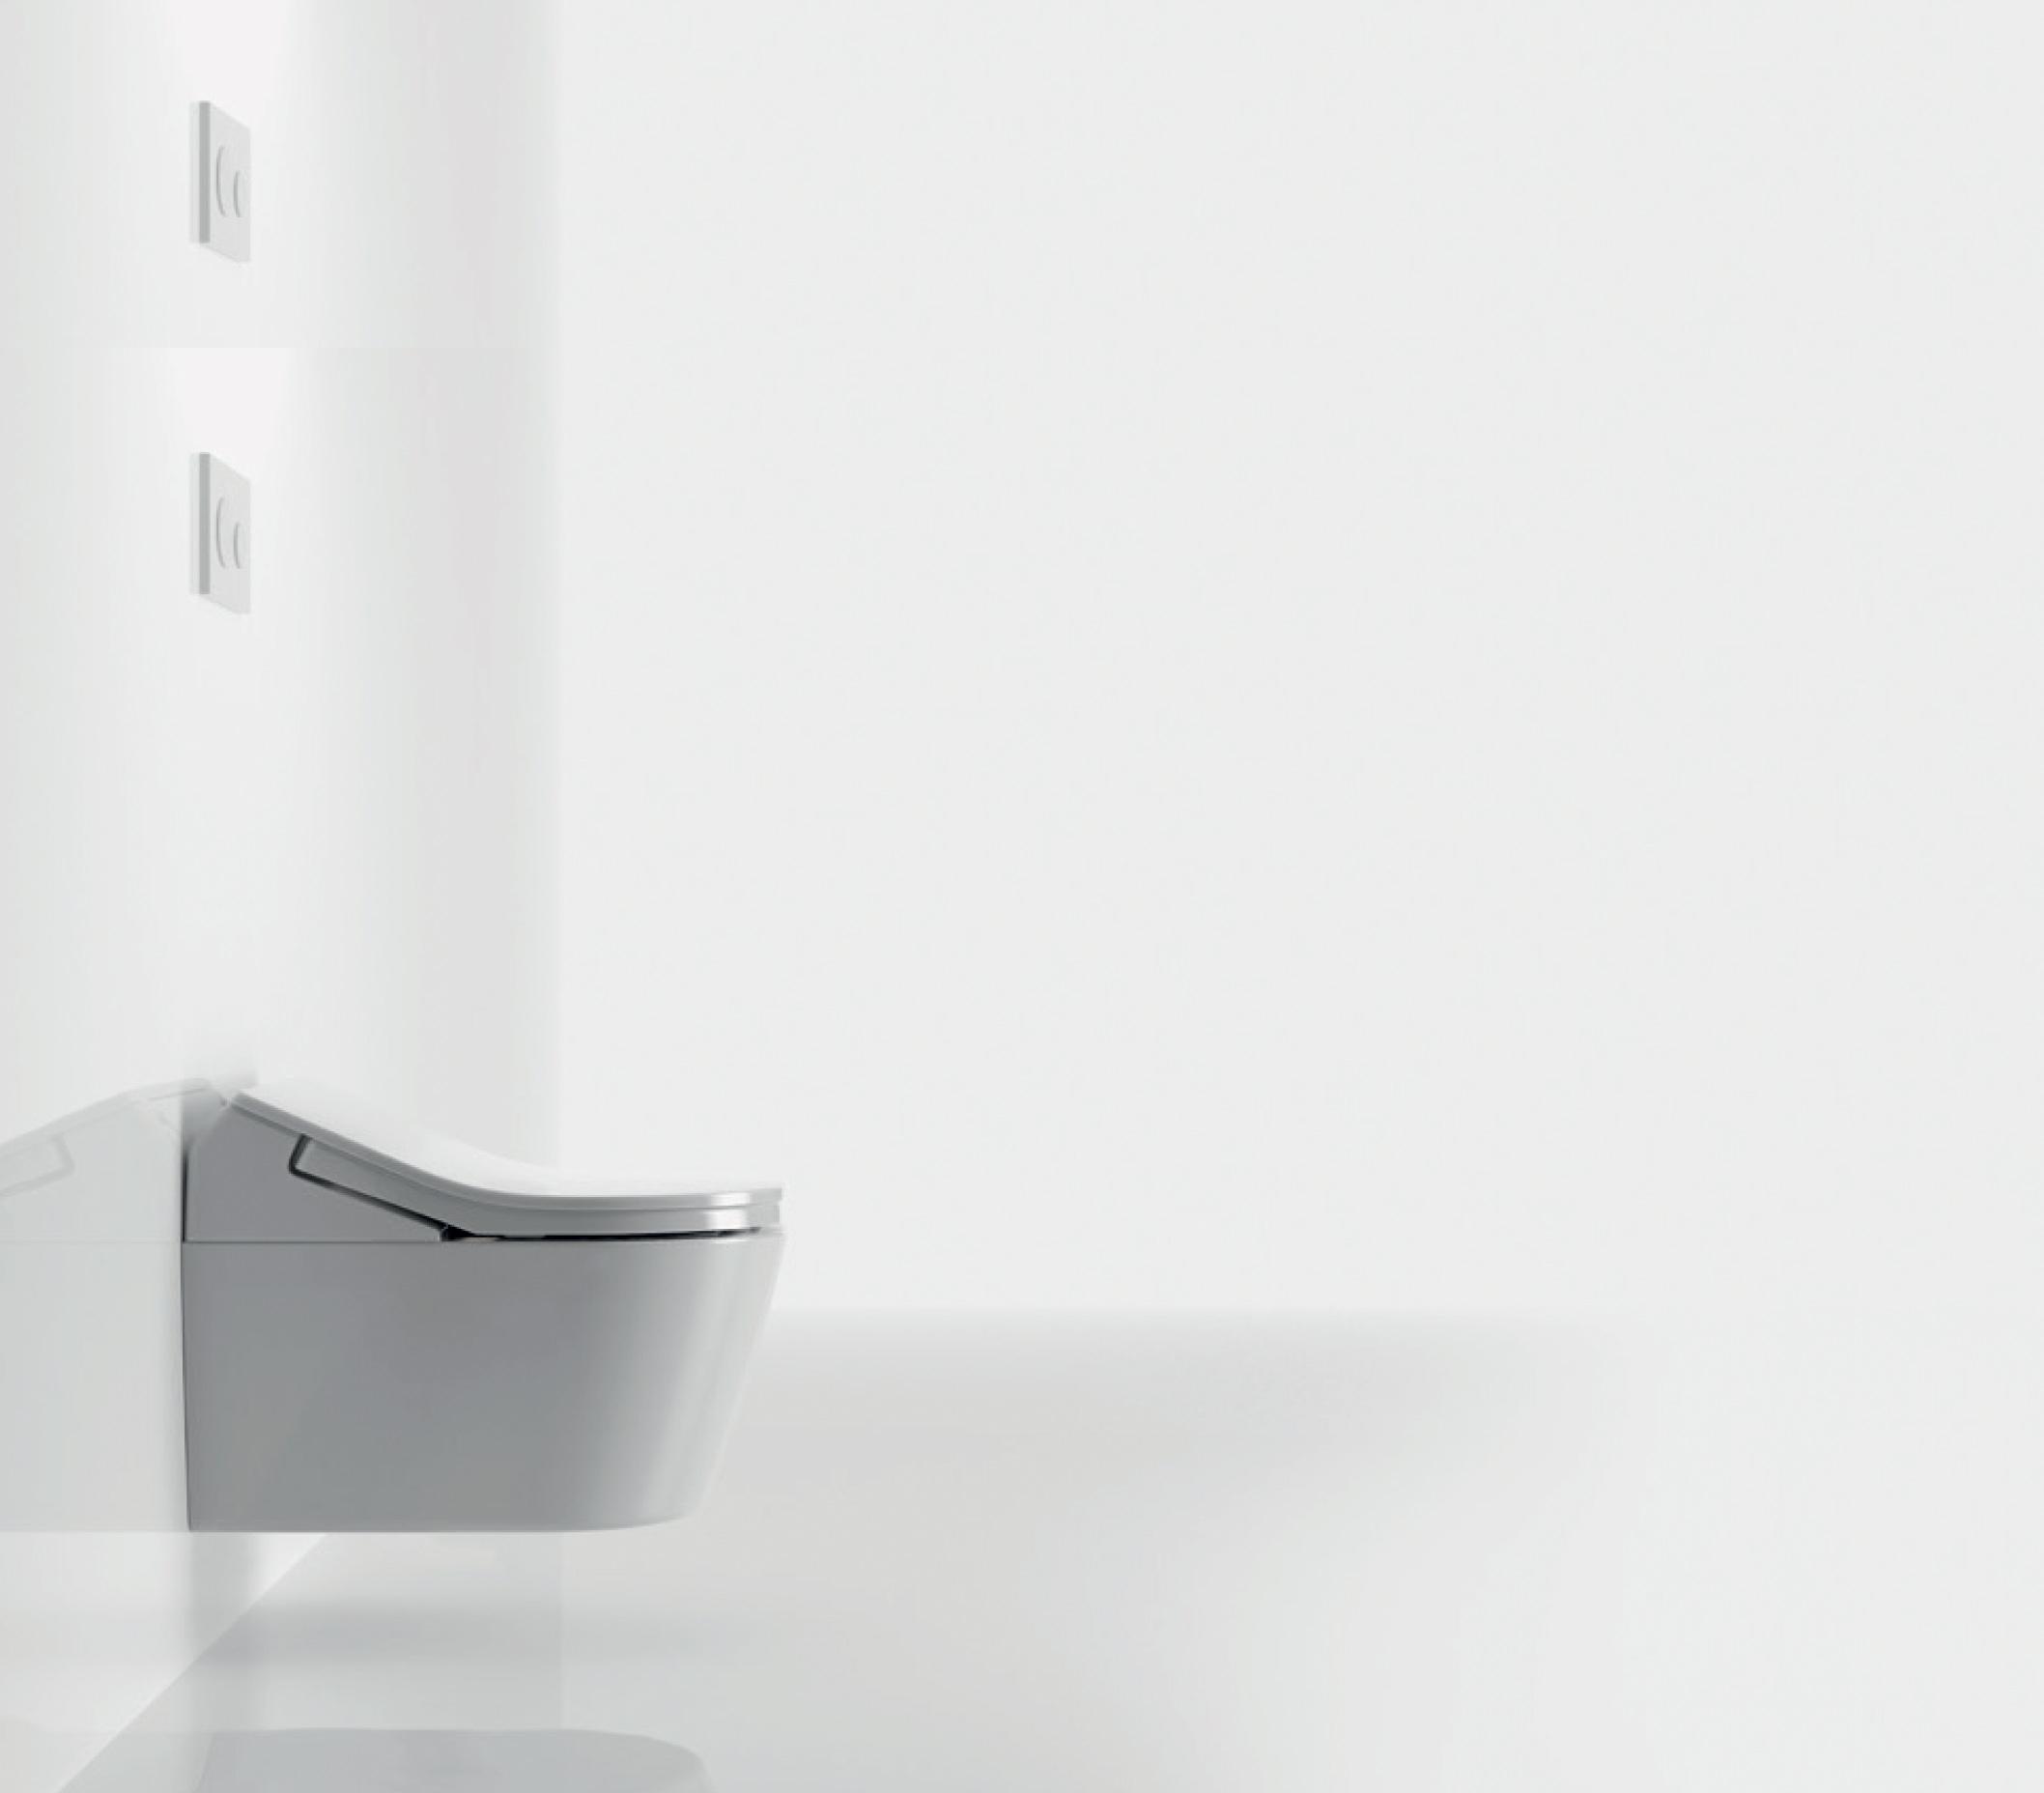 Les Européens Aiment De Plus En Plus Se Faire Rincer Les destiné Toilette Toto Prix